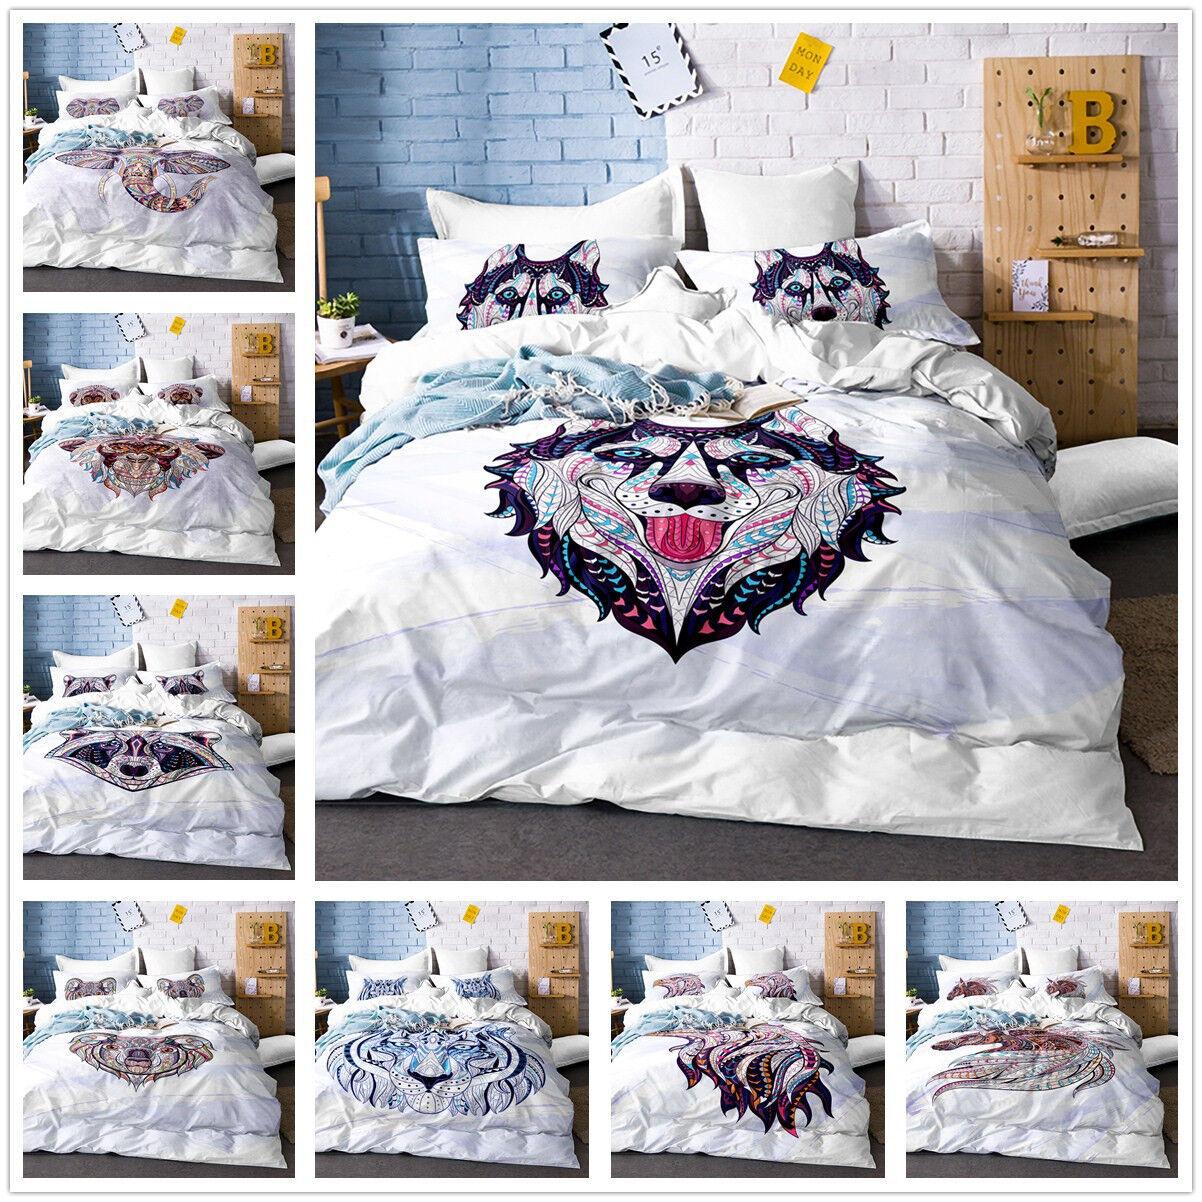 3D Anime Husky Raccoon Koala Owl Duvet Cover Quilt Cover Bedding Set Pillowcase